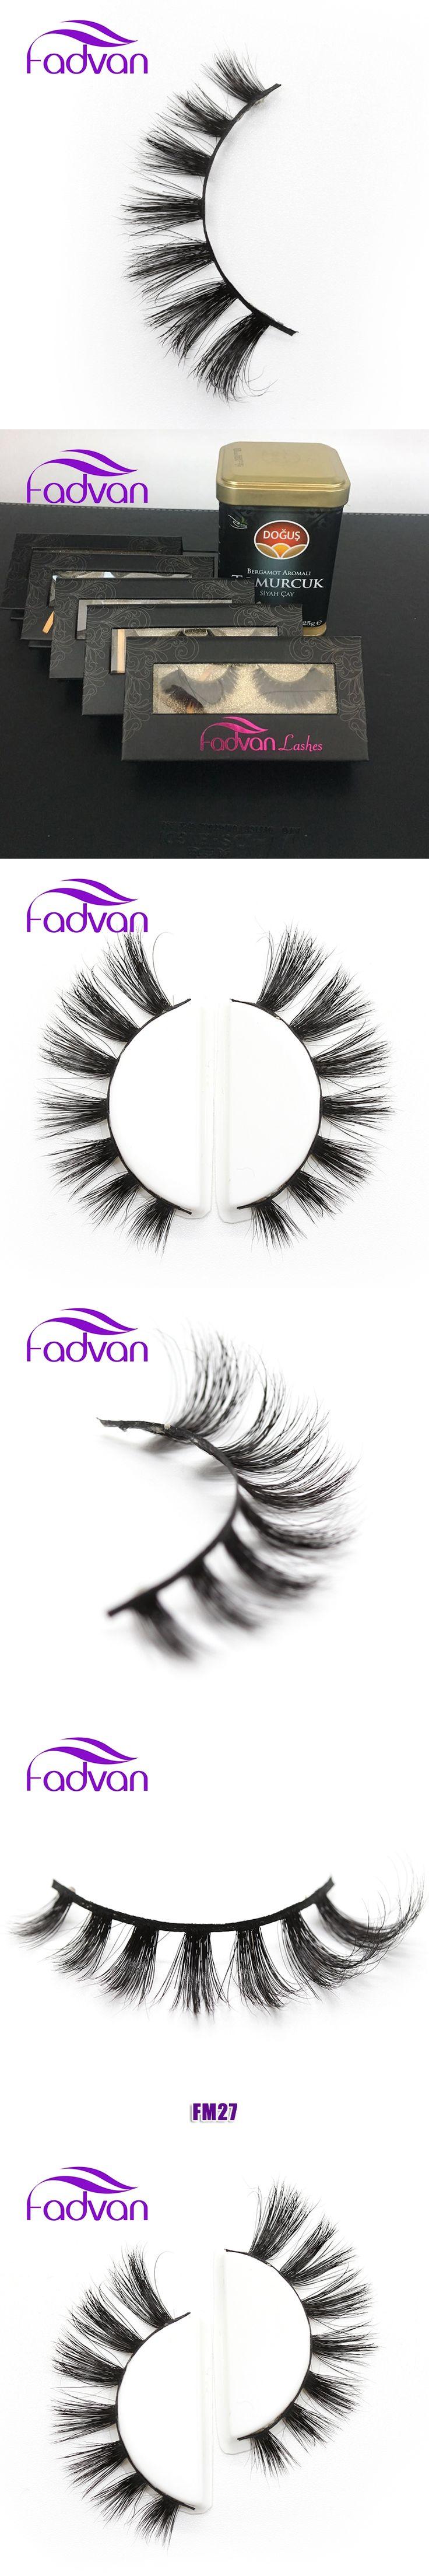 1 Pair Thick Fake Eyelashes Natural False Eyelashes Volume Lashes Artificial Eyelashes Extensions False Lashes Makeup Lashes